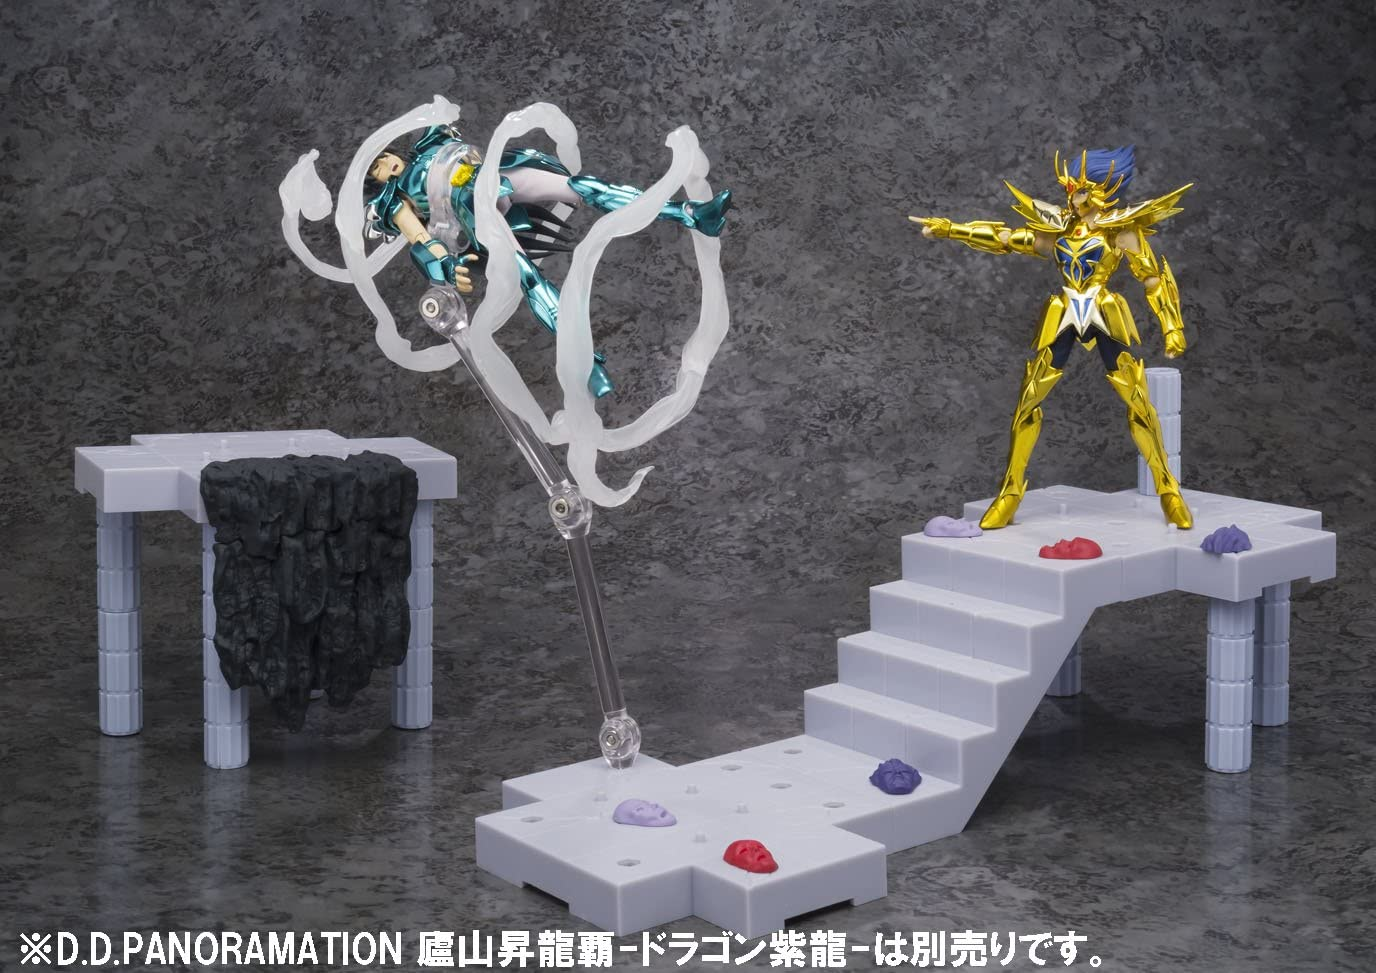 Bandai Tamashii Nations D.Panormation Cancer Death Mask